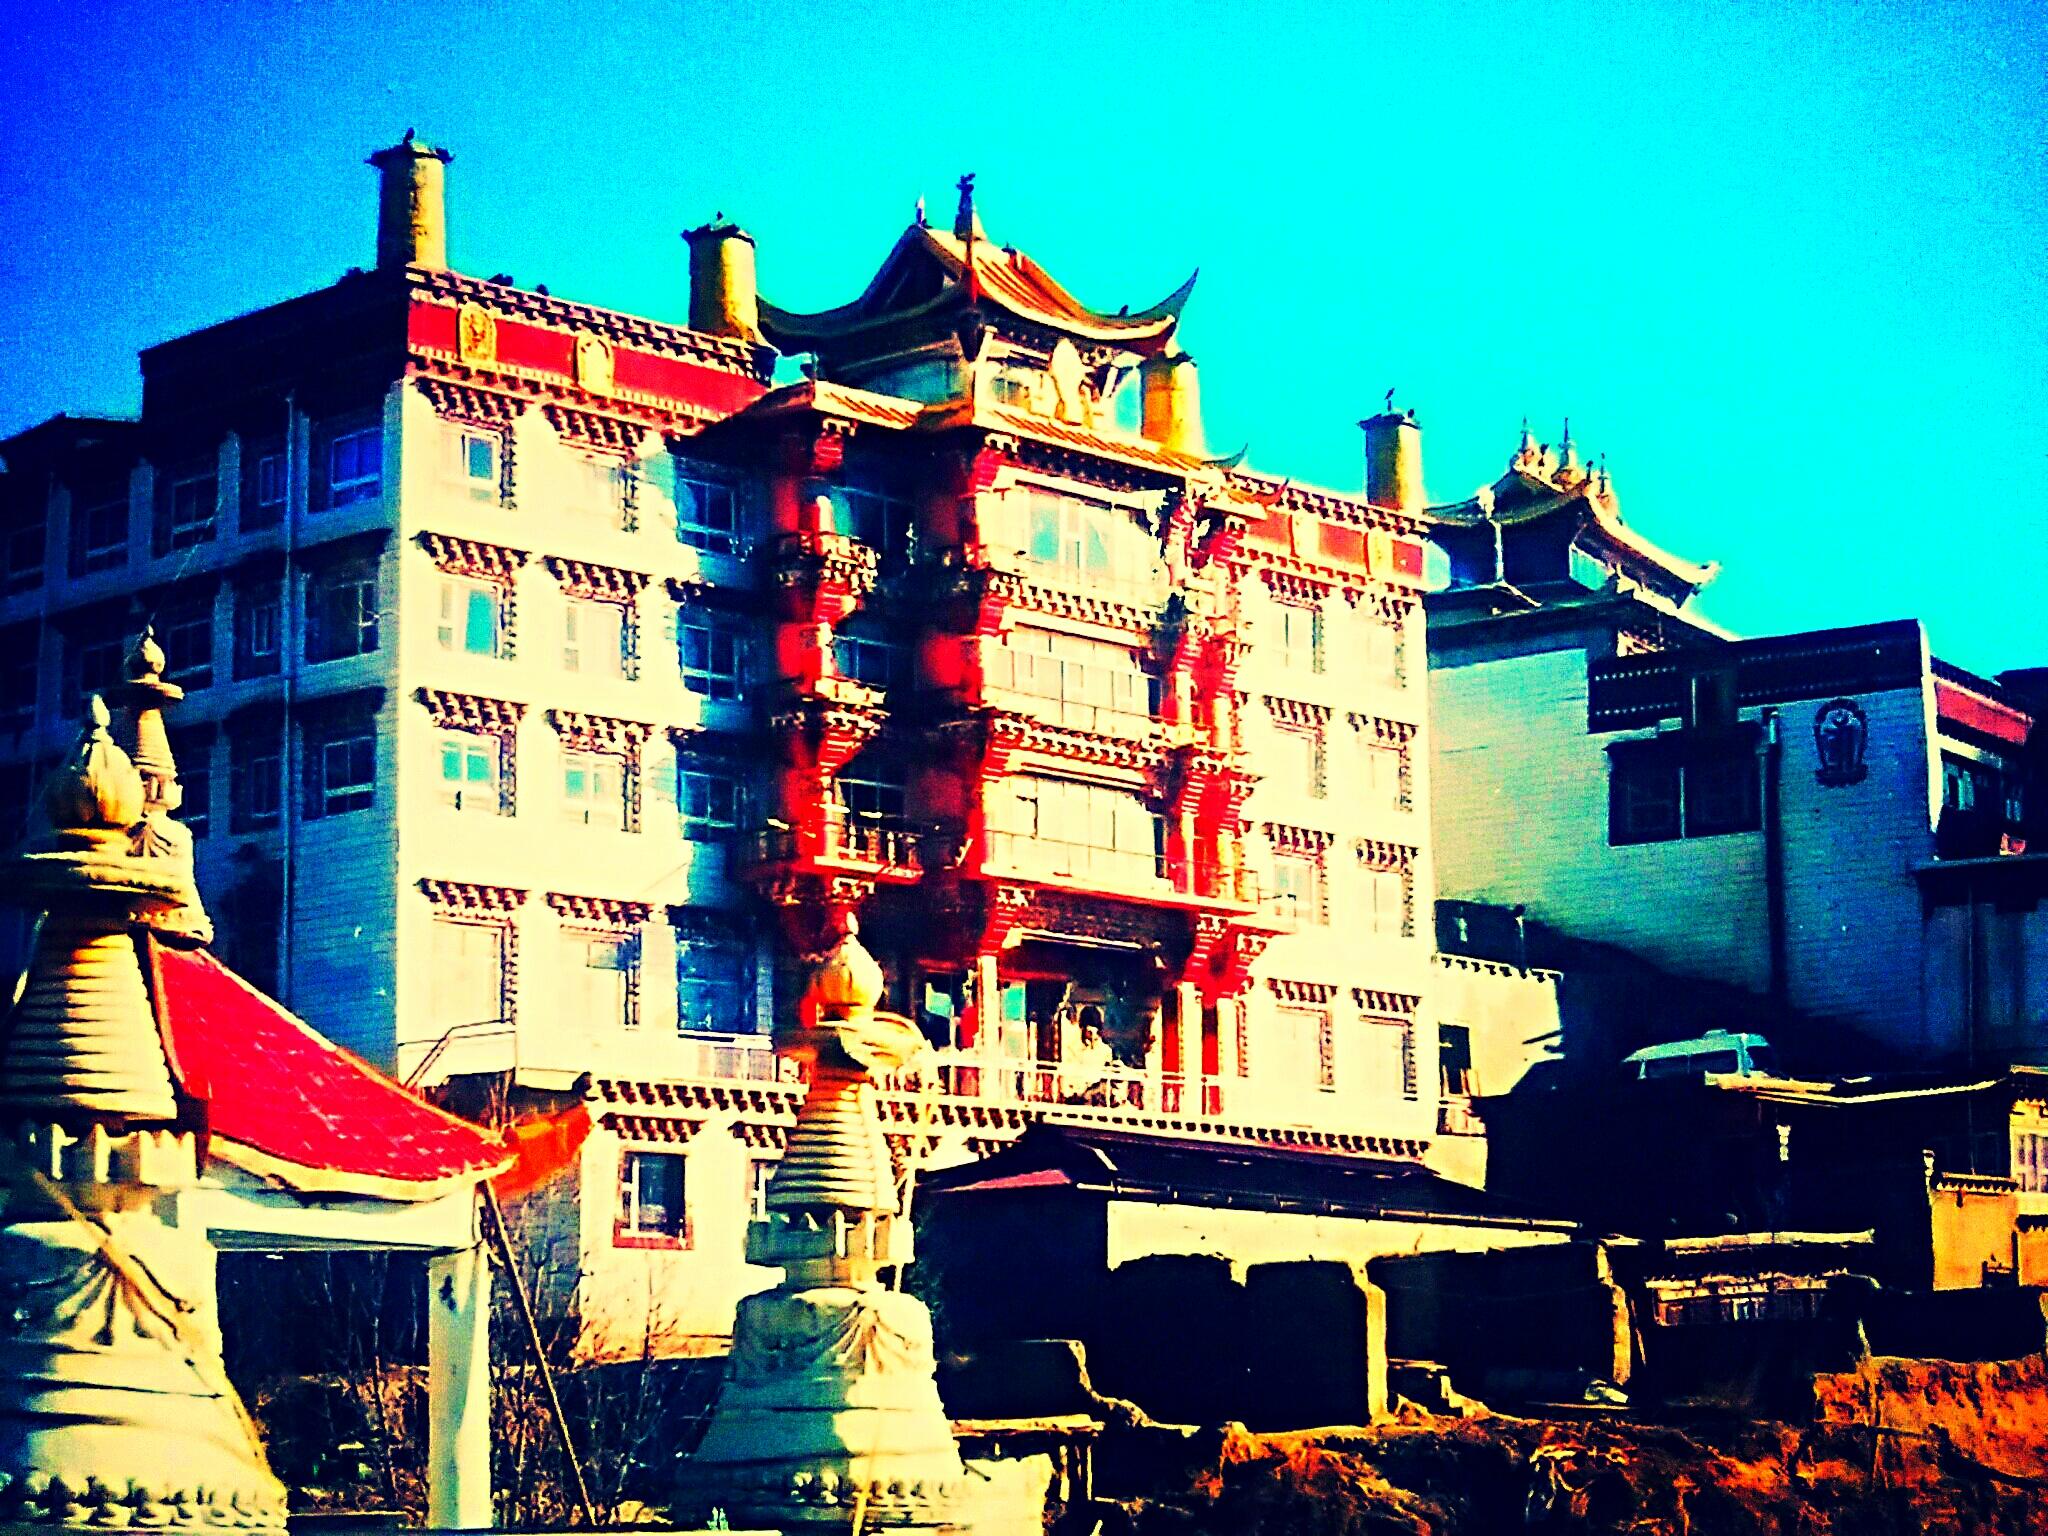 ラルン・ガル・ゴンパの他にもある!!東チベットの美しき仏教寺院の数々